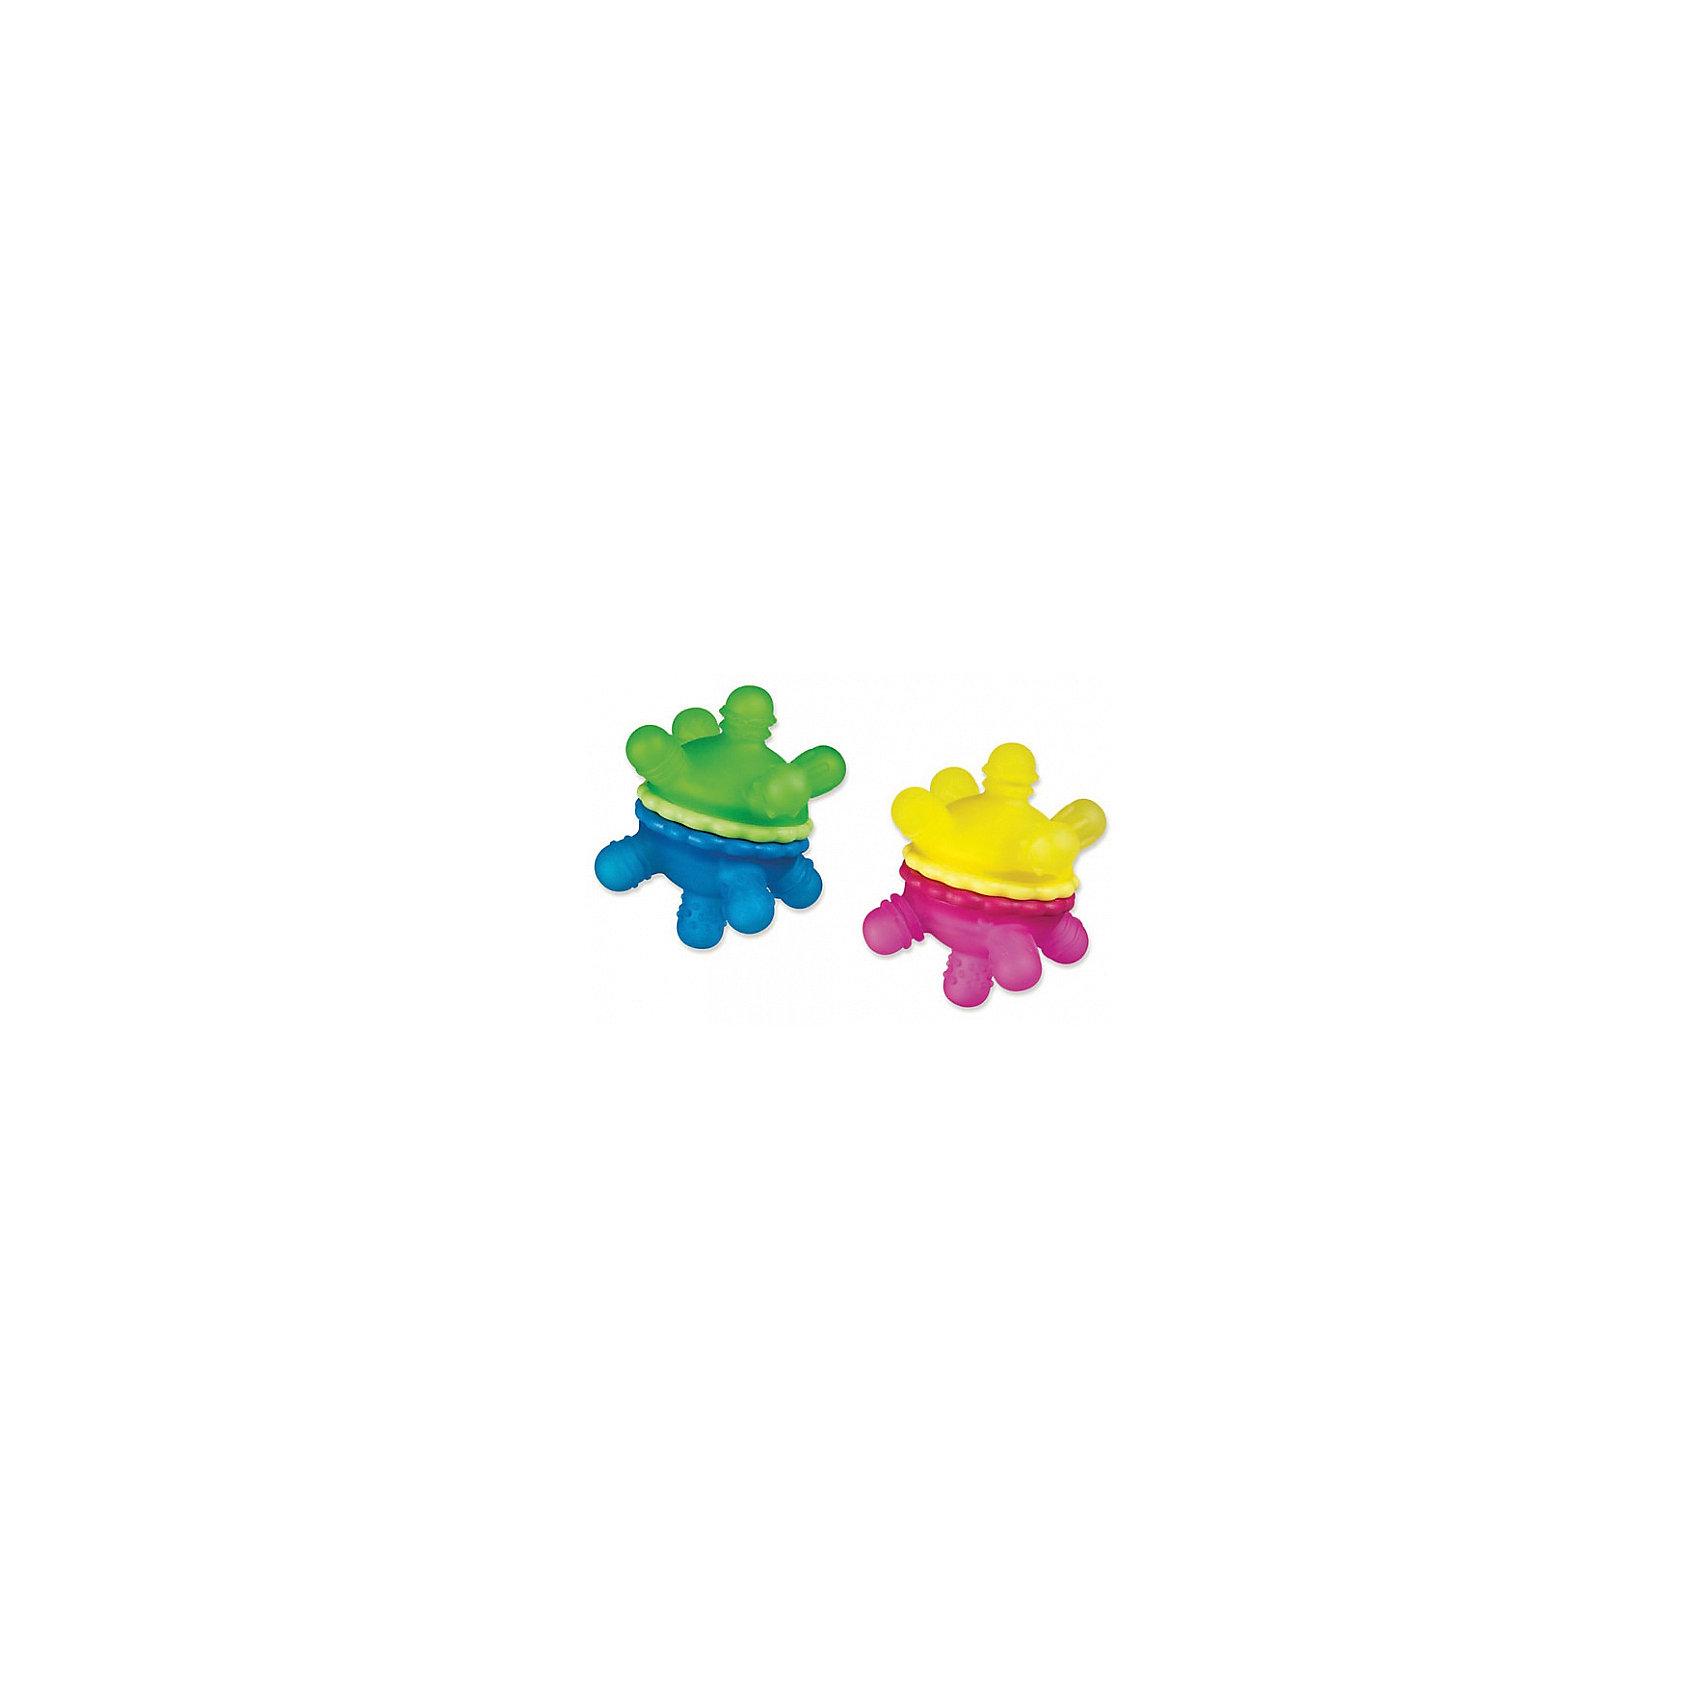 Игрушка прорезыватель Мячик, MunchkinПрорезыватели<br>Игрушка  прорезыватель  Мячик, Munchkin (Манчкин) – эта игрушка поможет малышу облегчить период прорезывания зубов.<br>Игрушка-прорезыватель Munchkin (Манчкин) Мячик выполнена из безопасного, нетоксичного и приятного для кусания пластика, в виде мячика с выпуклыми ручками. Мячик состоит из двух половинок. Внутри мячика находятся гранулы, гремящие при тряске. Половинки игрушки поворачиваются со звуком трещотки. Ваш малыш сможет игрушку сжимать, кусать и скручивать. Ручки имеют 10 различных рельефных поверхностей. Это даст малышу возможность подобрать самый комфортный вариант для успокоения нежных десен, и снимет неприятные ощущения при прорезывании зубов. Игрушка прорезыватель Мячик поможет малышу развить мелкую моторику рук и тактильные ощущения.<br><br>Дополнительная информация:<br><br>- В комплекте: 1 игрушка<br>- Цвет в ассортименте<br>- Материал: пластик<br>- Размер игрушки: 10,5 х 10,5 х 8 см.<br>- Размер упаковки: 12 х 13 х 15 см.<br>- Вес: 100 г.<br>- ВНИМАНИЕ! Данный товар представлен в ассортименте. К сожалению, предварительный выбор невозможен. При заказе нескольких единиц данного товара, возможно получение одинаковых<br><br>Игрушку  прорезыватель  Мячик, Munchkin (Манчкин) можно купить в нашем интернет-магазине.<br><br>Ширина мм: 120<br>Глубина мм: 130<br>Высота мм: 150<br>Вес г: 100<br>Возраст от месяцев: 6<br>Возраст до месяцев: 36<br>Пол: Унисекс<br>Возраст: Детский<br>SKU: 4142381